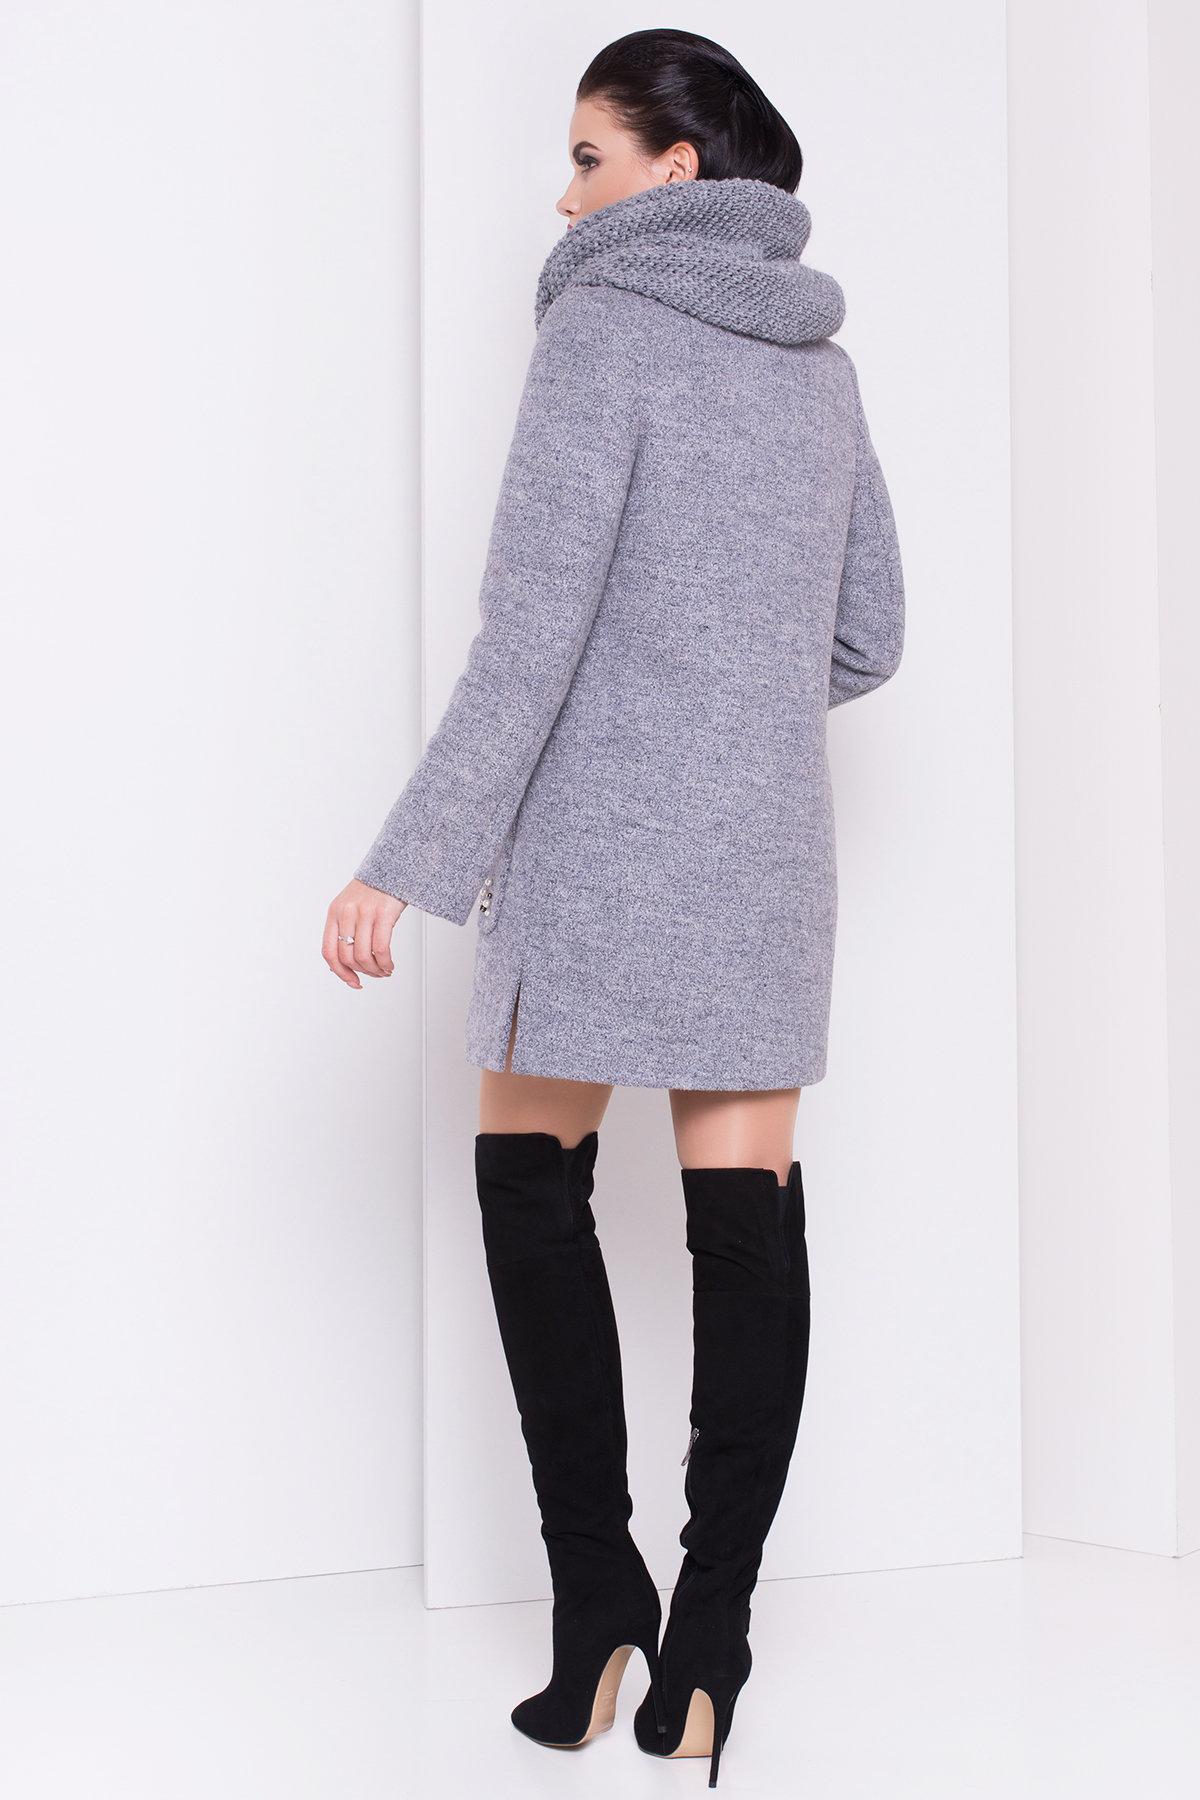 Пальто зима Ажен 3433 АРТ. 17862 Цвет: Серый 48 - фото 4, интернет магазин tm-modus.ru